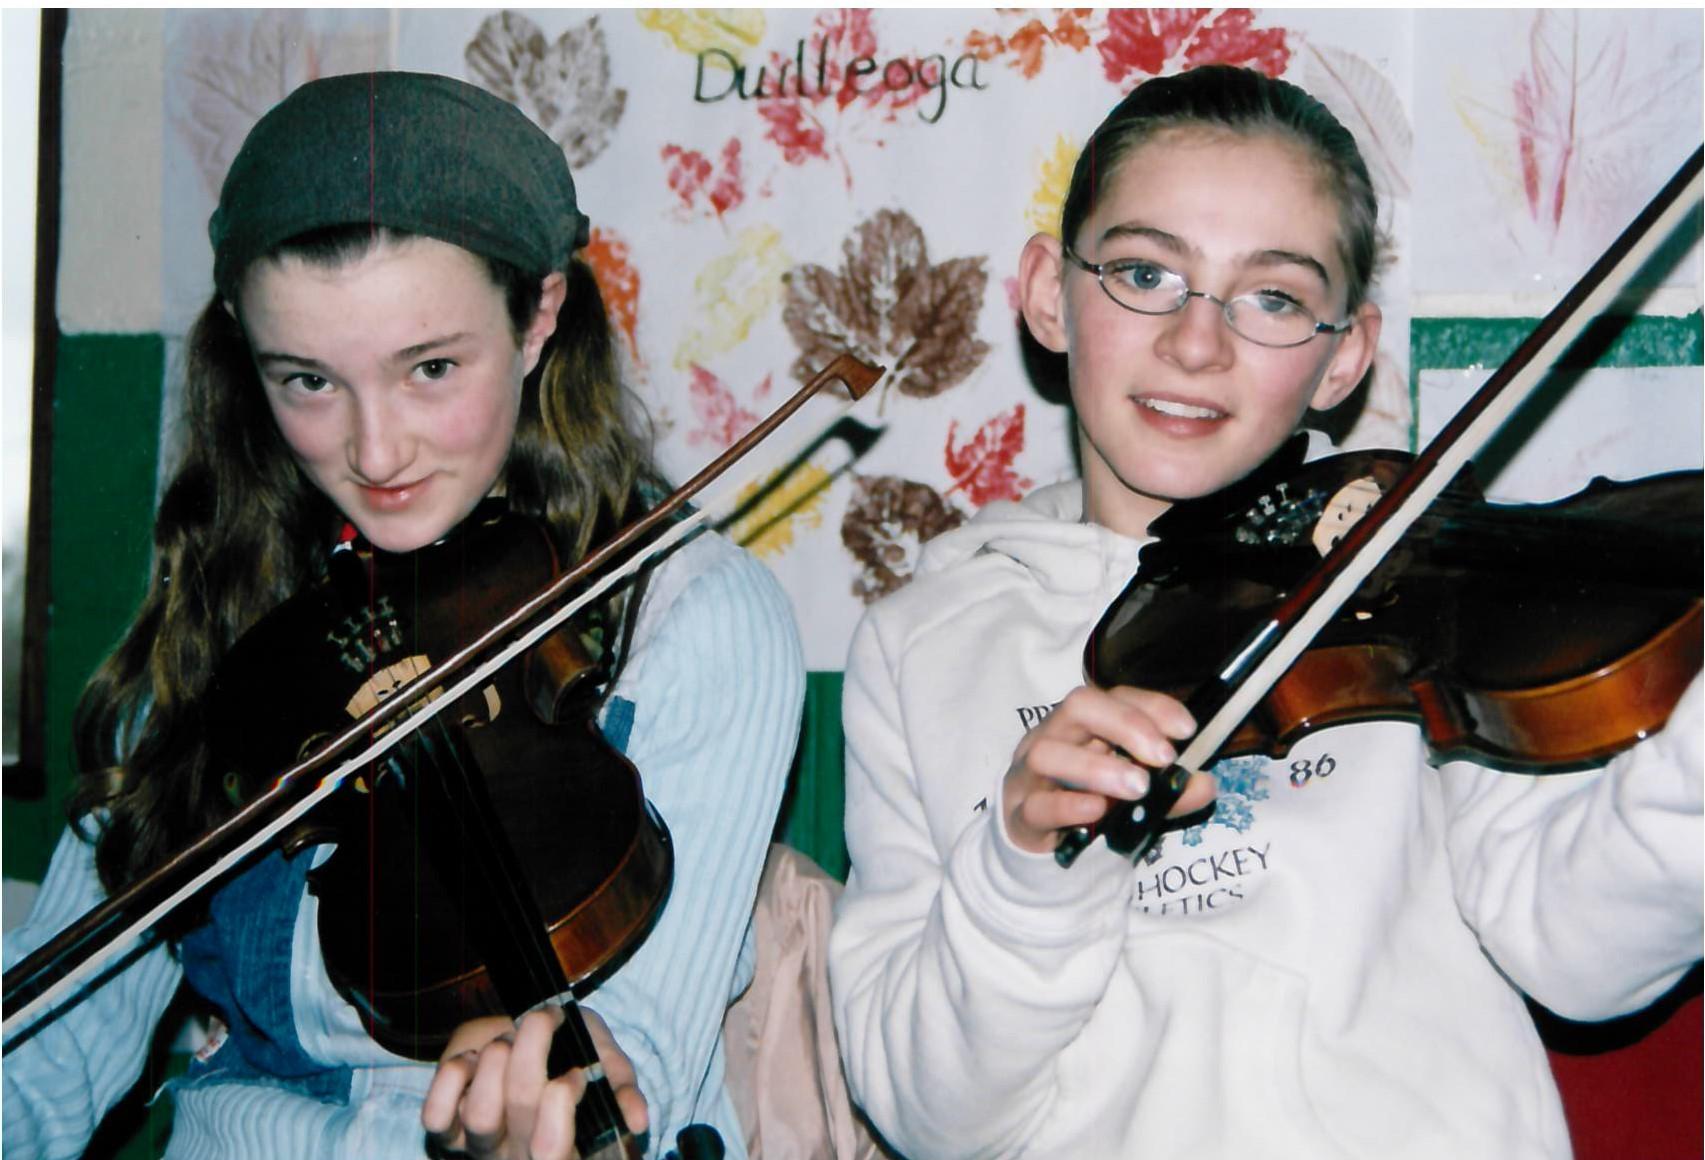 Cliodhna Ní Bheaglaoich & Micéala Ní Mhuircheartaigh i mbun na fiddile